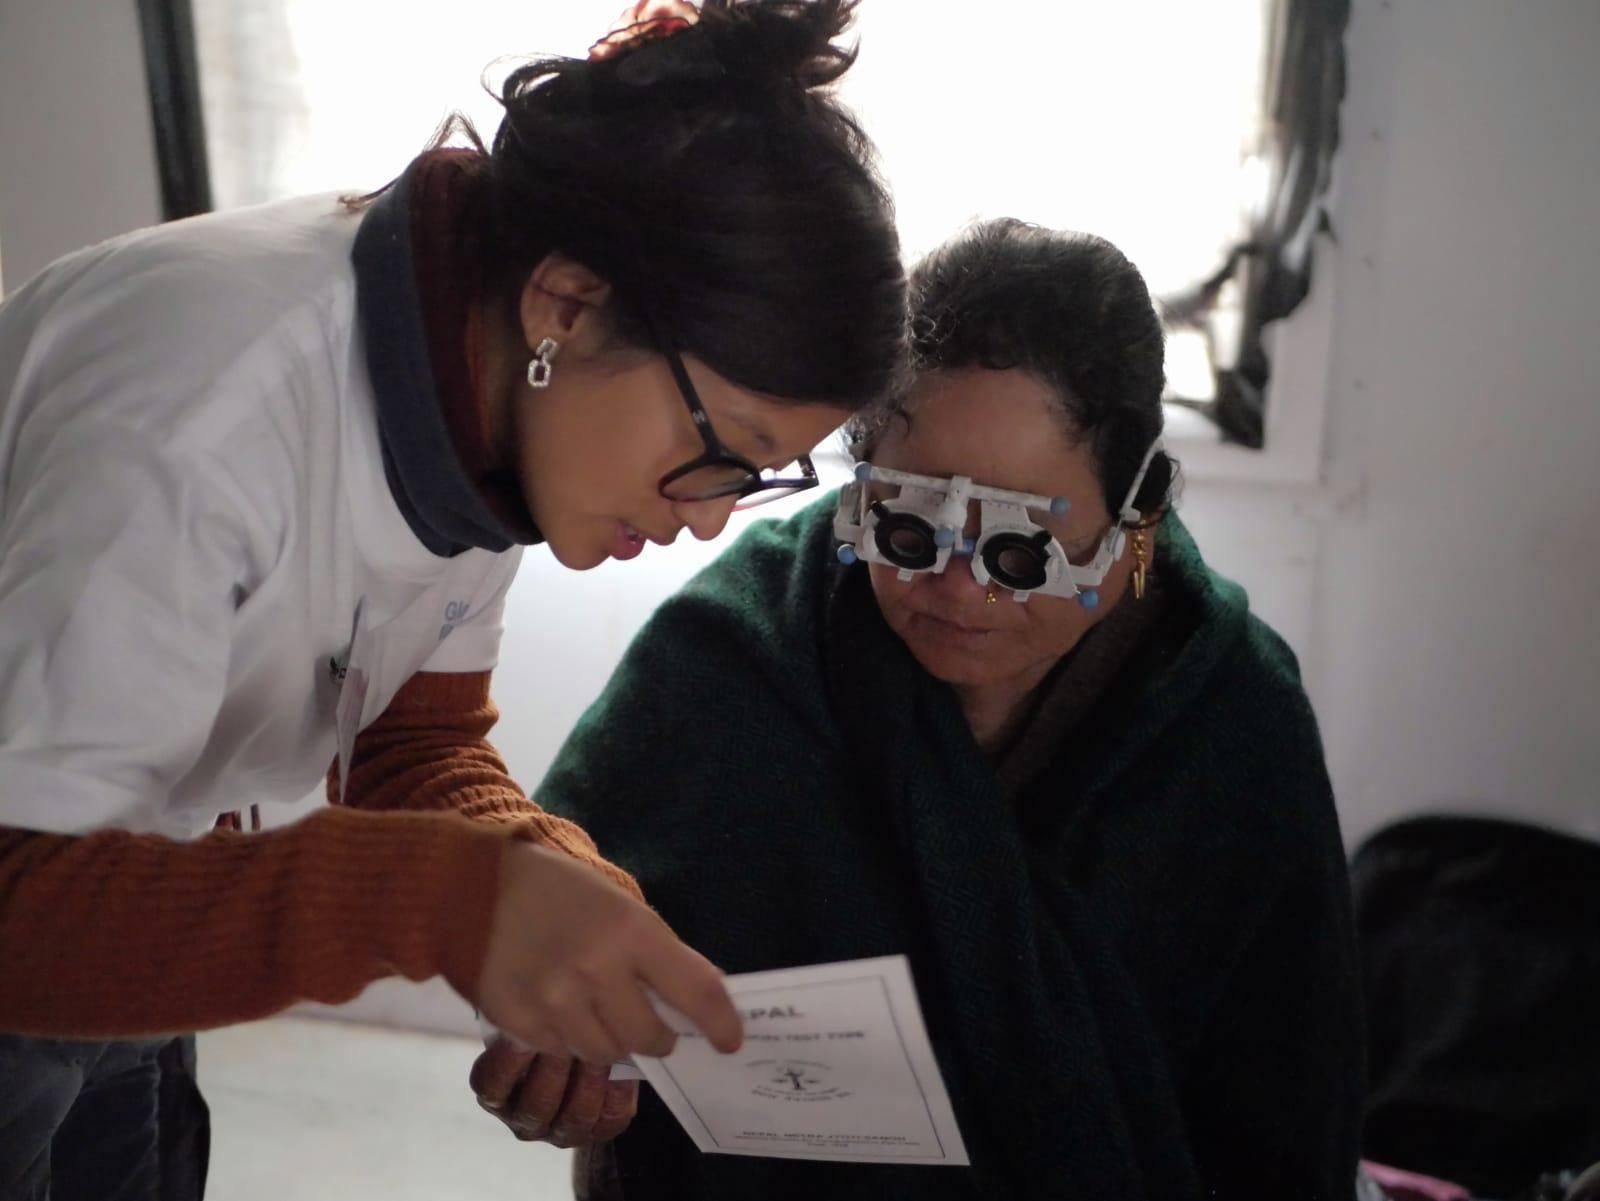 विदेशमा कमाएको ज्ञान र सीप नेपालमा हस्तान्तरण गरौं : पूर्व मिस युके नेपालगौमाया गुरुङ